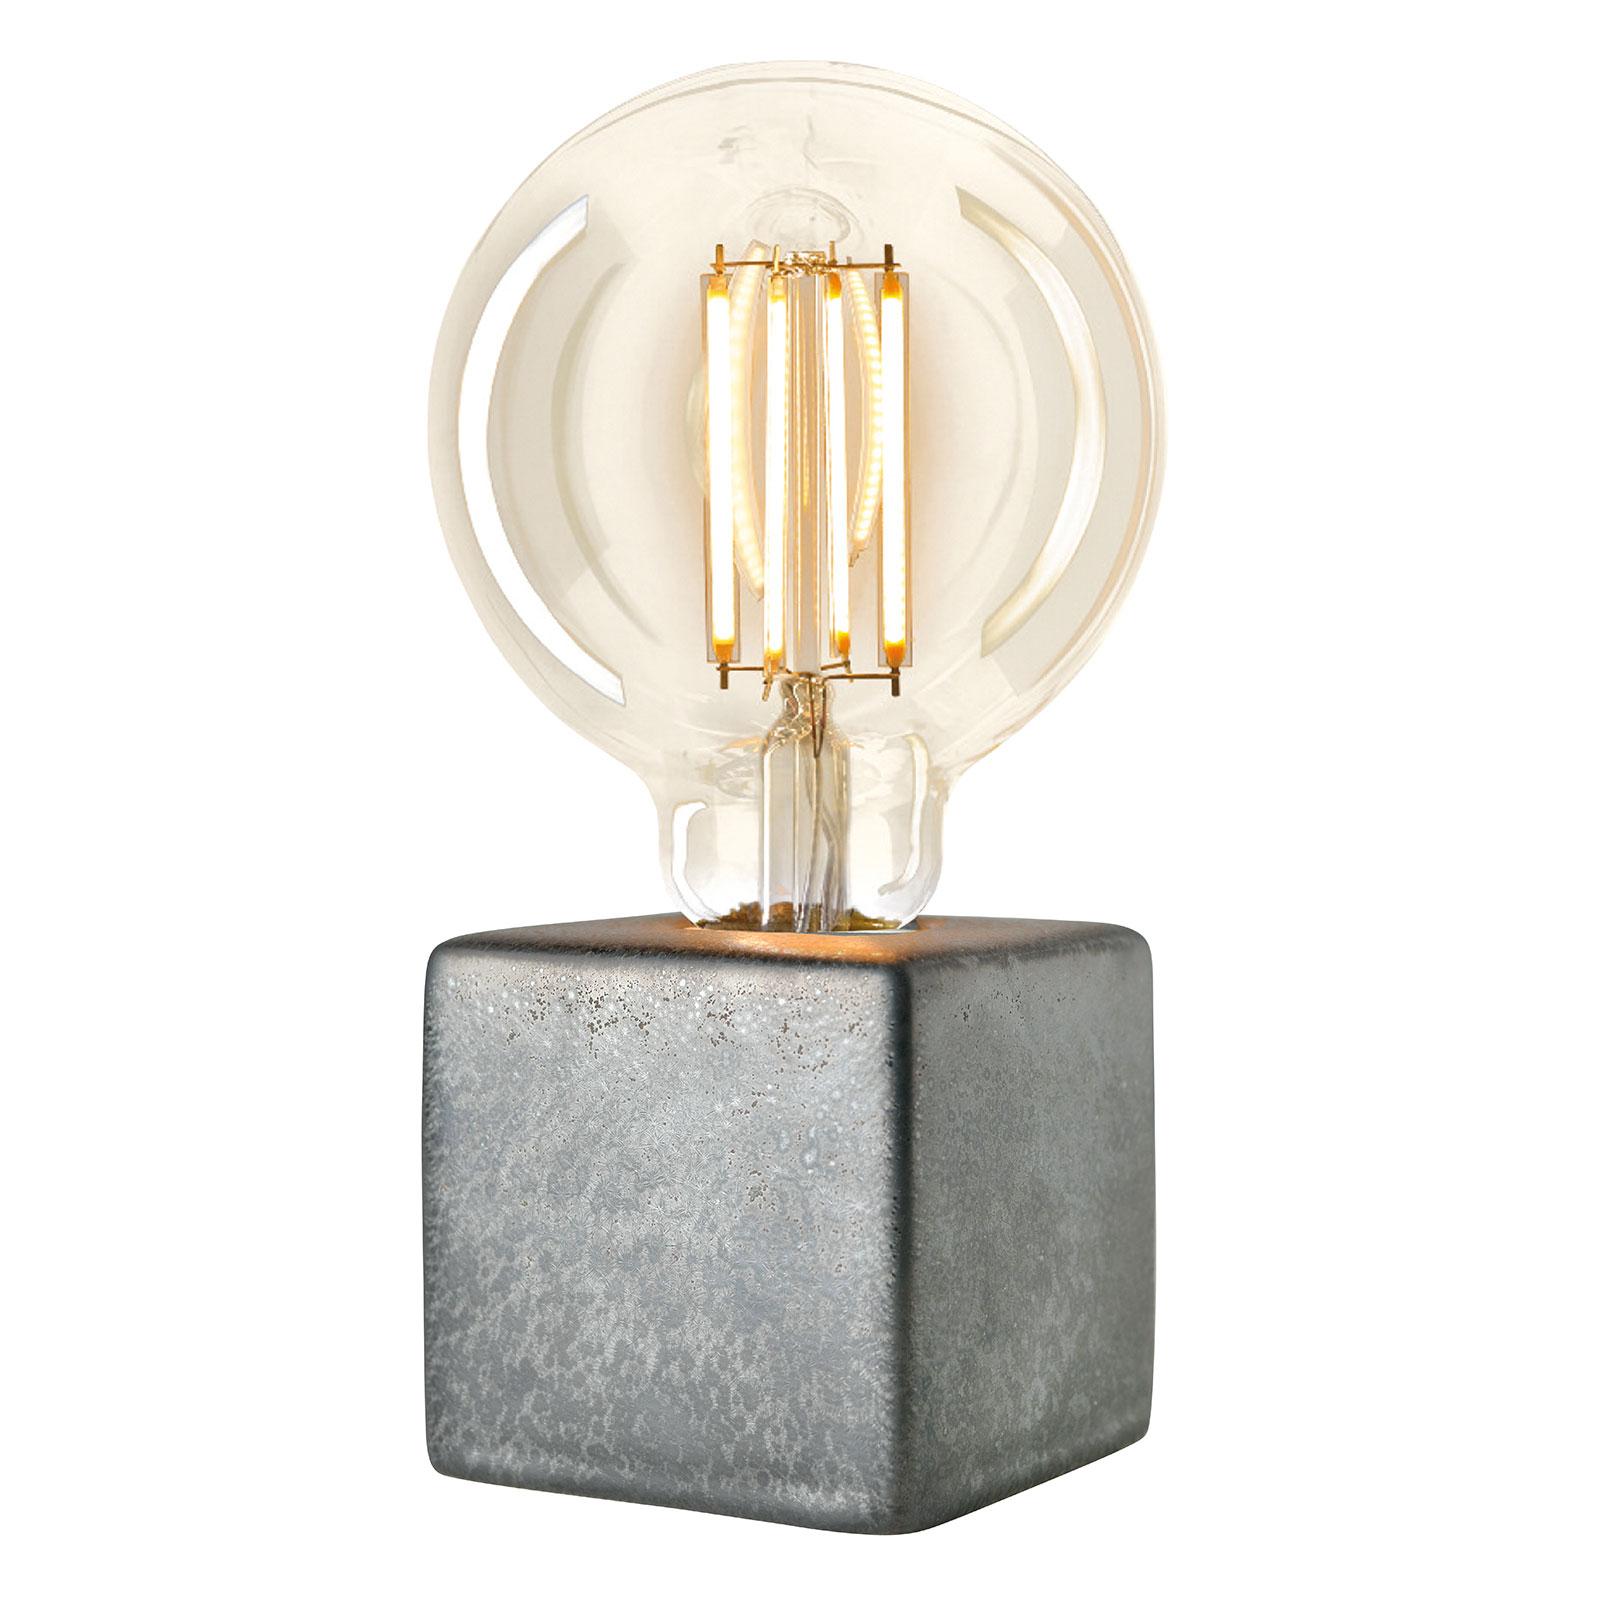 Villeroy & Boch Helsinki tafellamp grijs